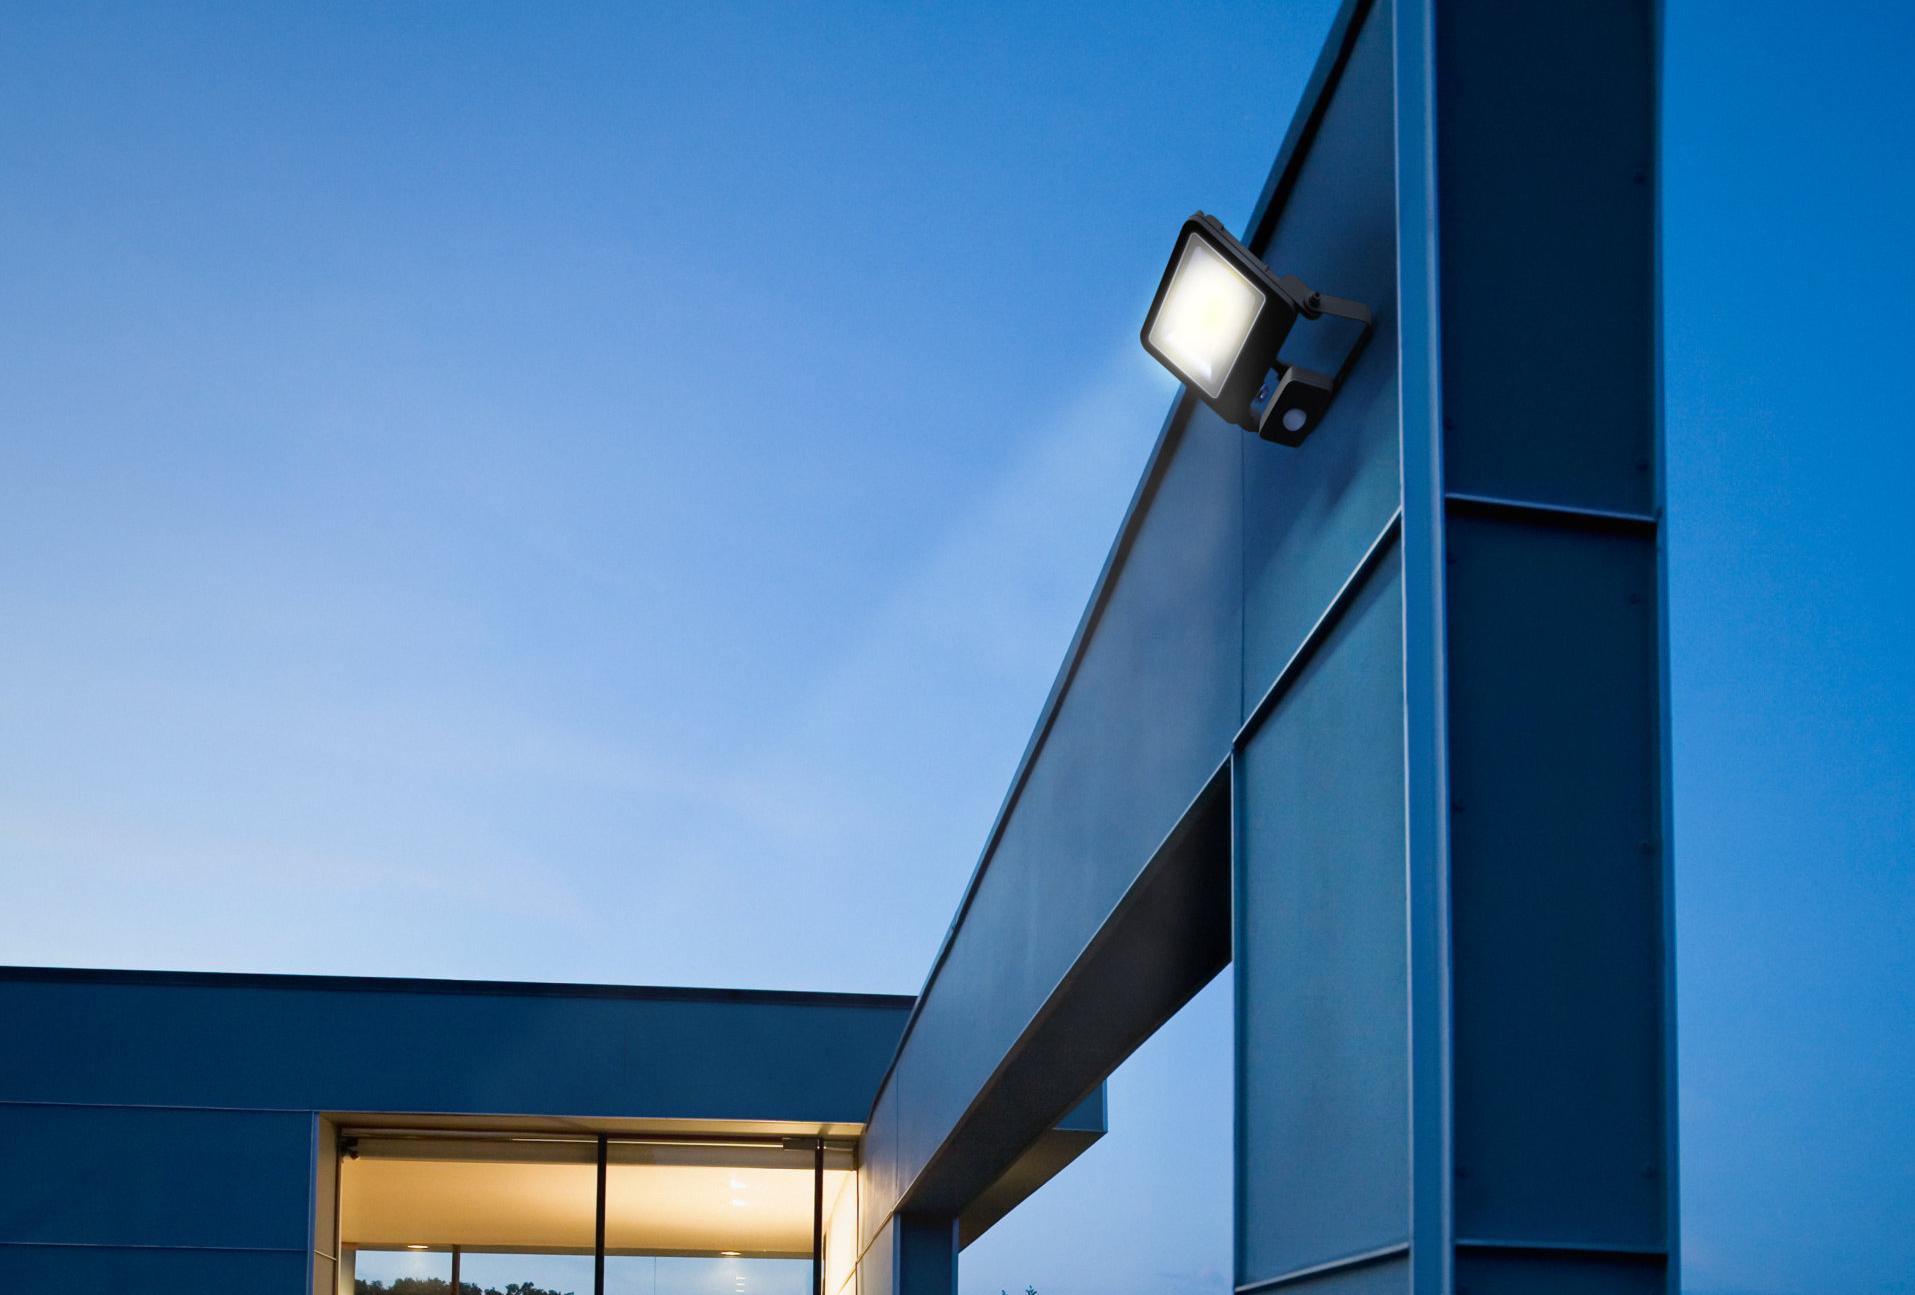 LED Buitenverlichting Bedrijfsgevel